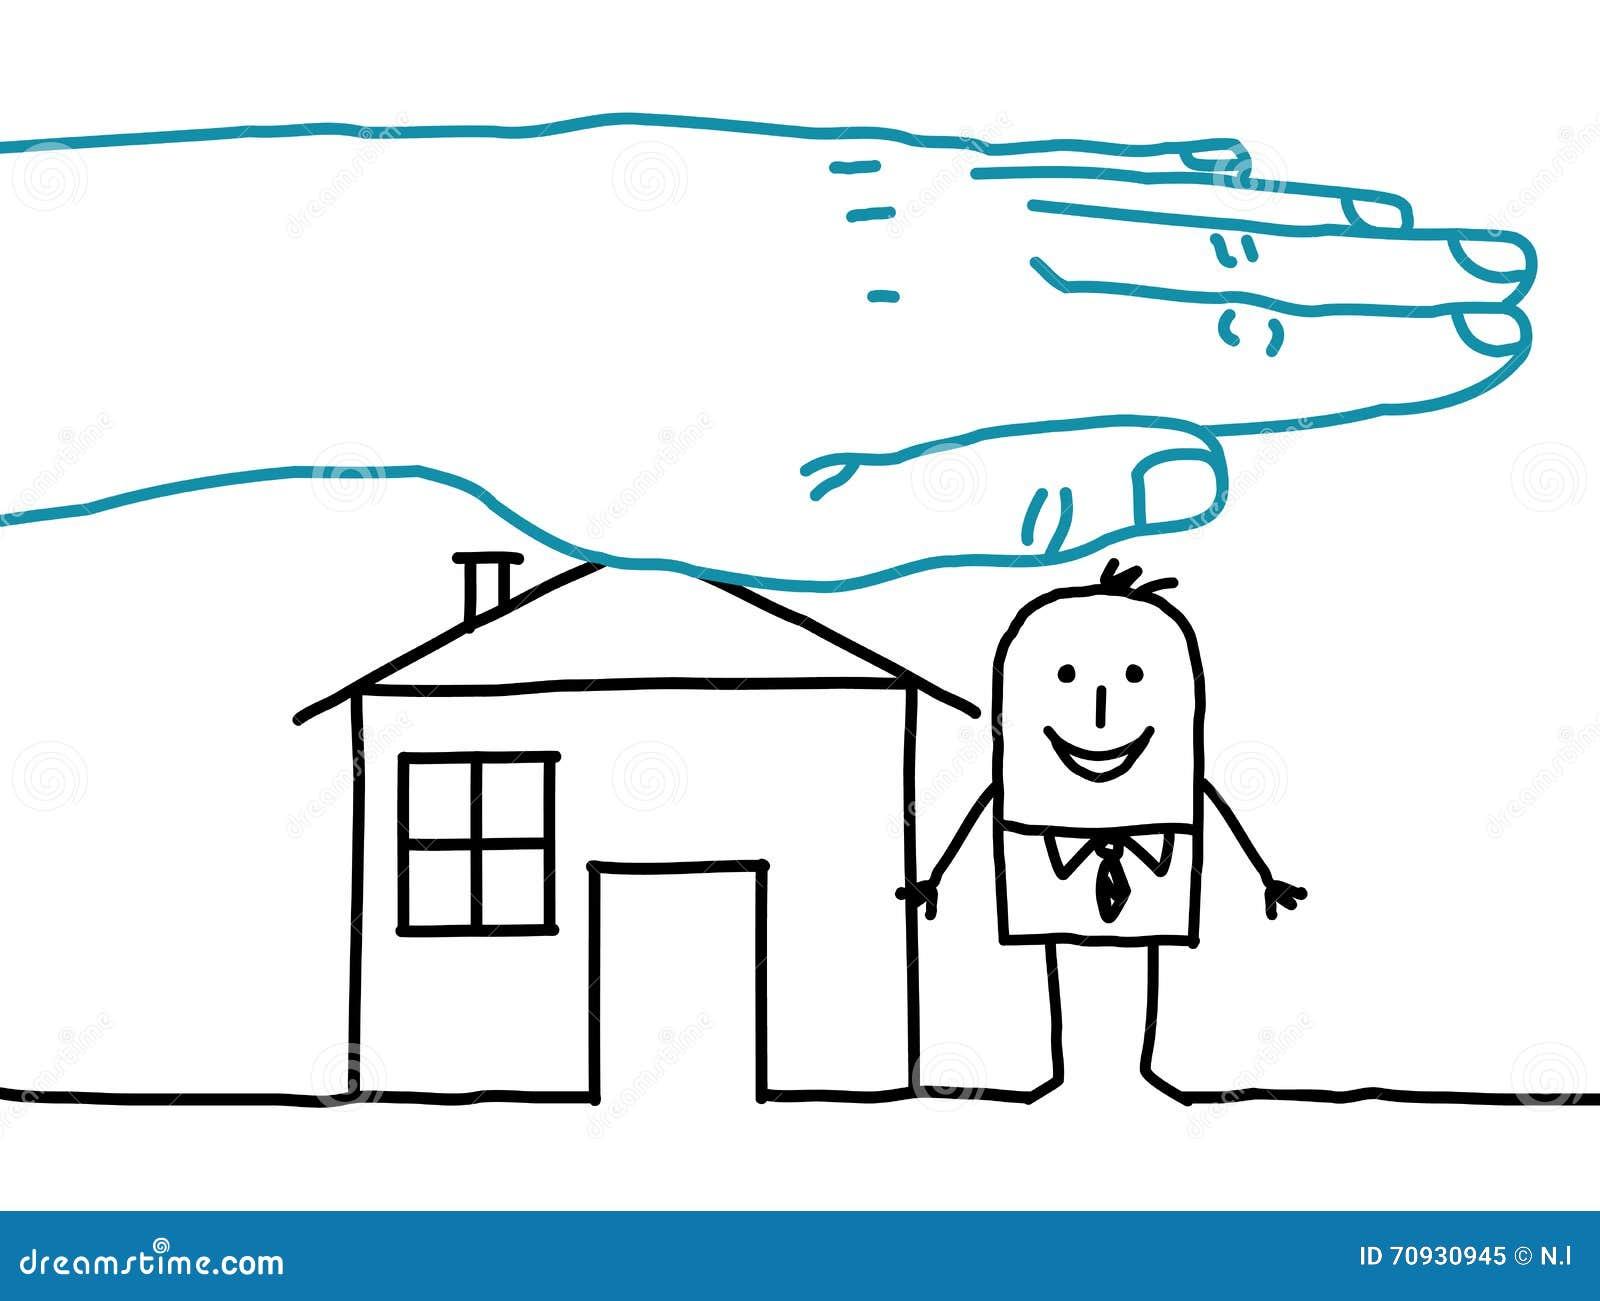 Maison assurance latest trouver la meilleure assurance for Assurance habitation maison